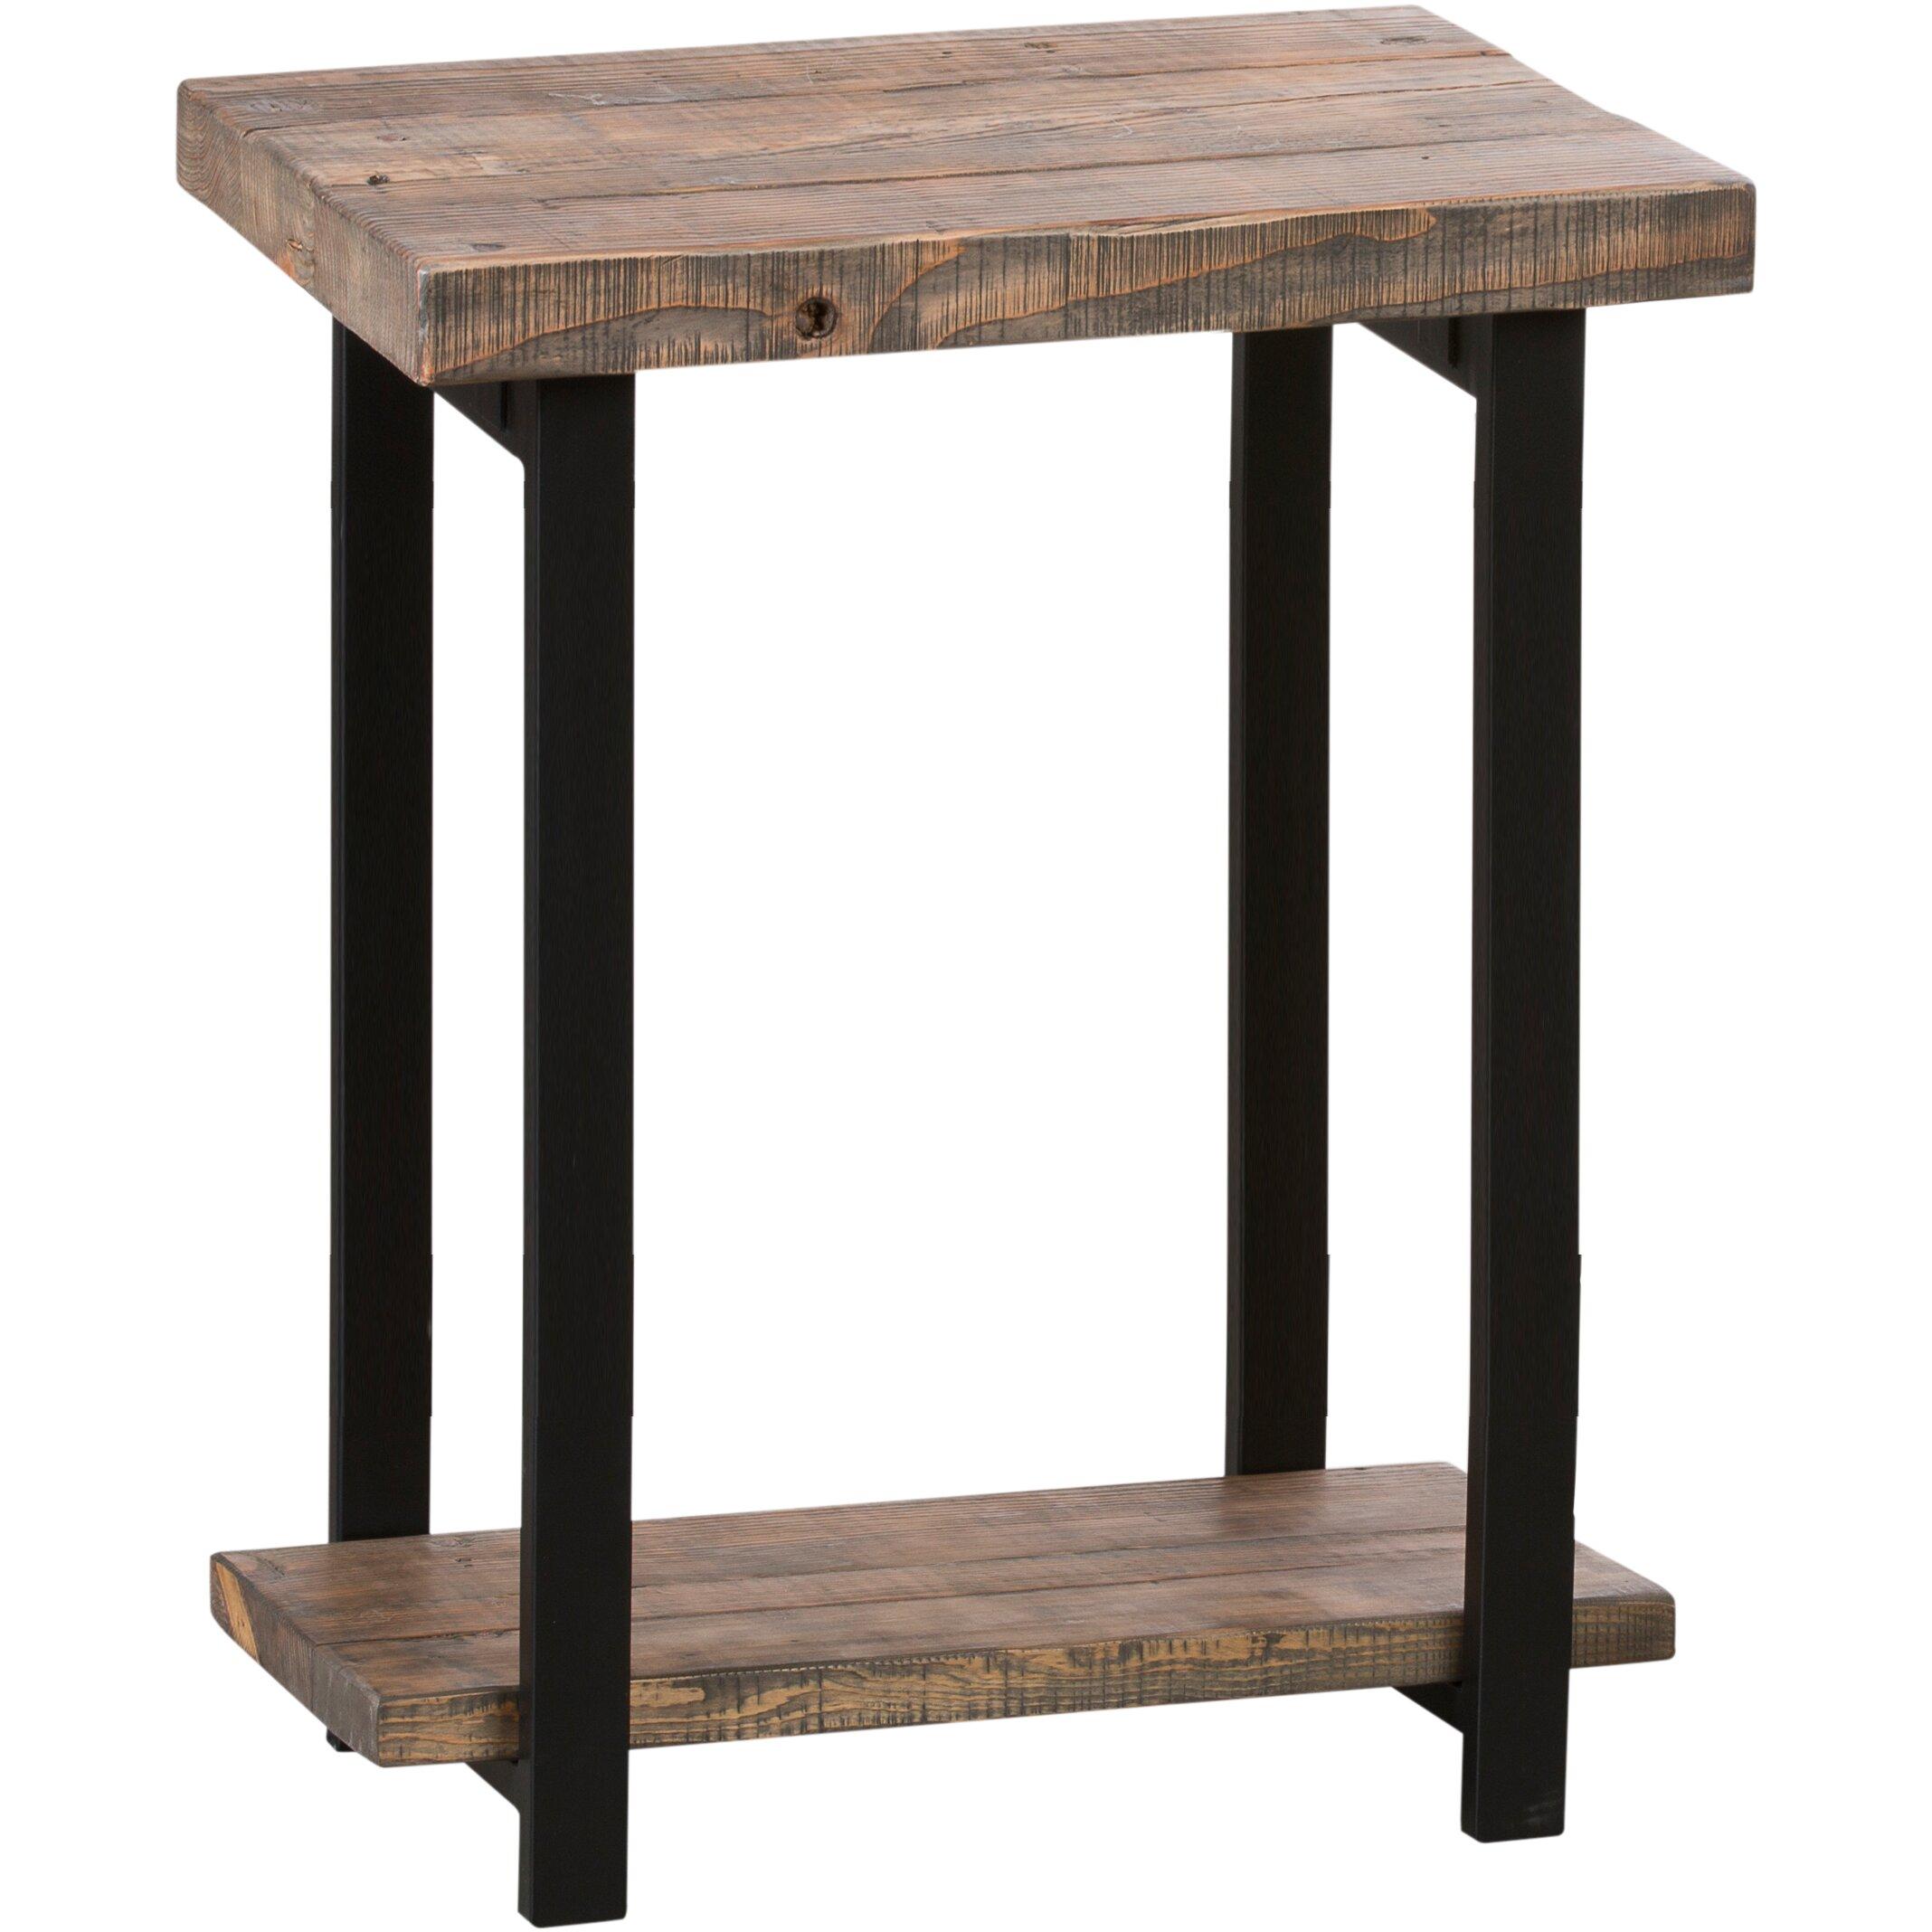 Loon peak somers reclaimed wood metal end table reviews for Reclaimed wood and metal table